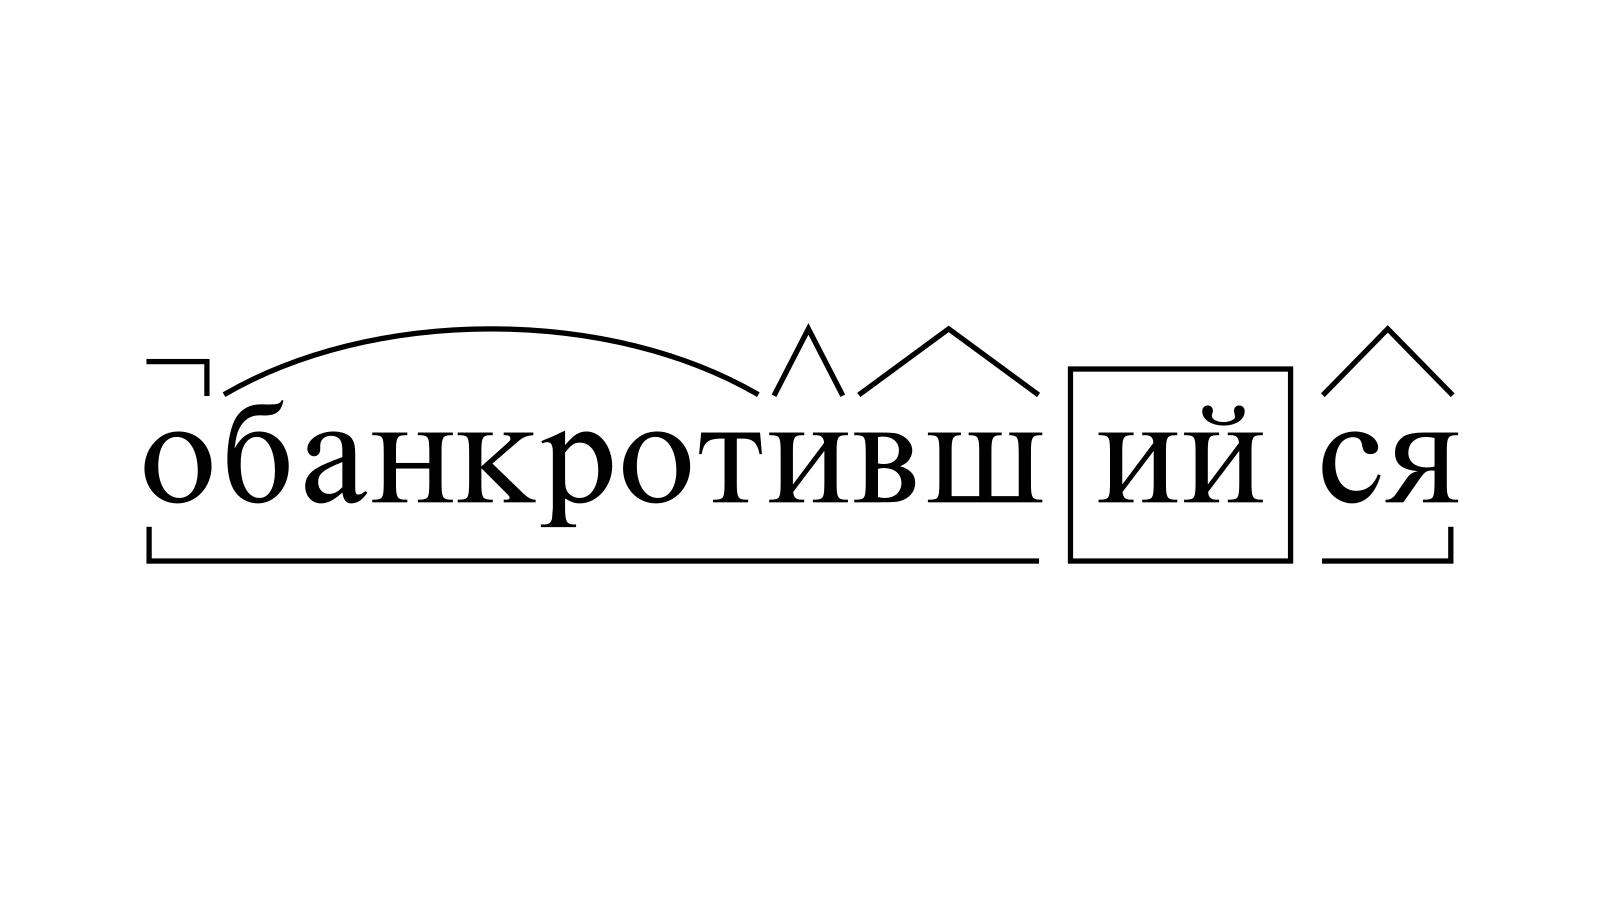 Разбор слова «обанкротившийся» по составу